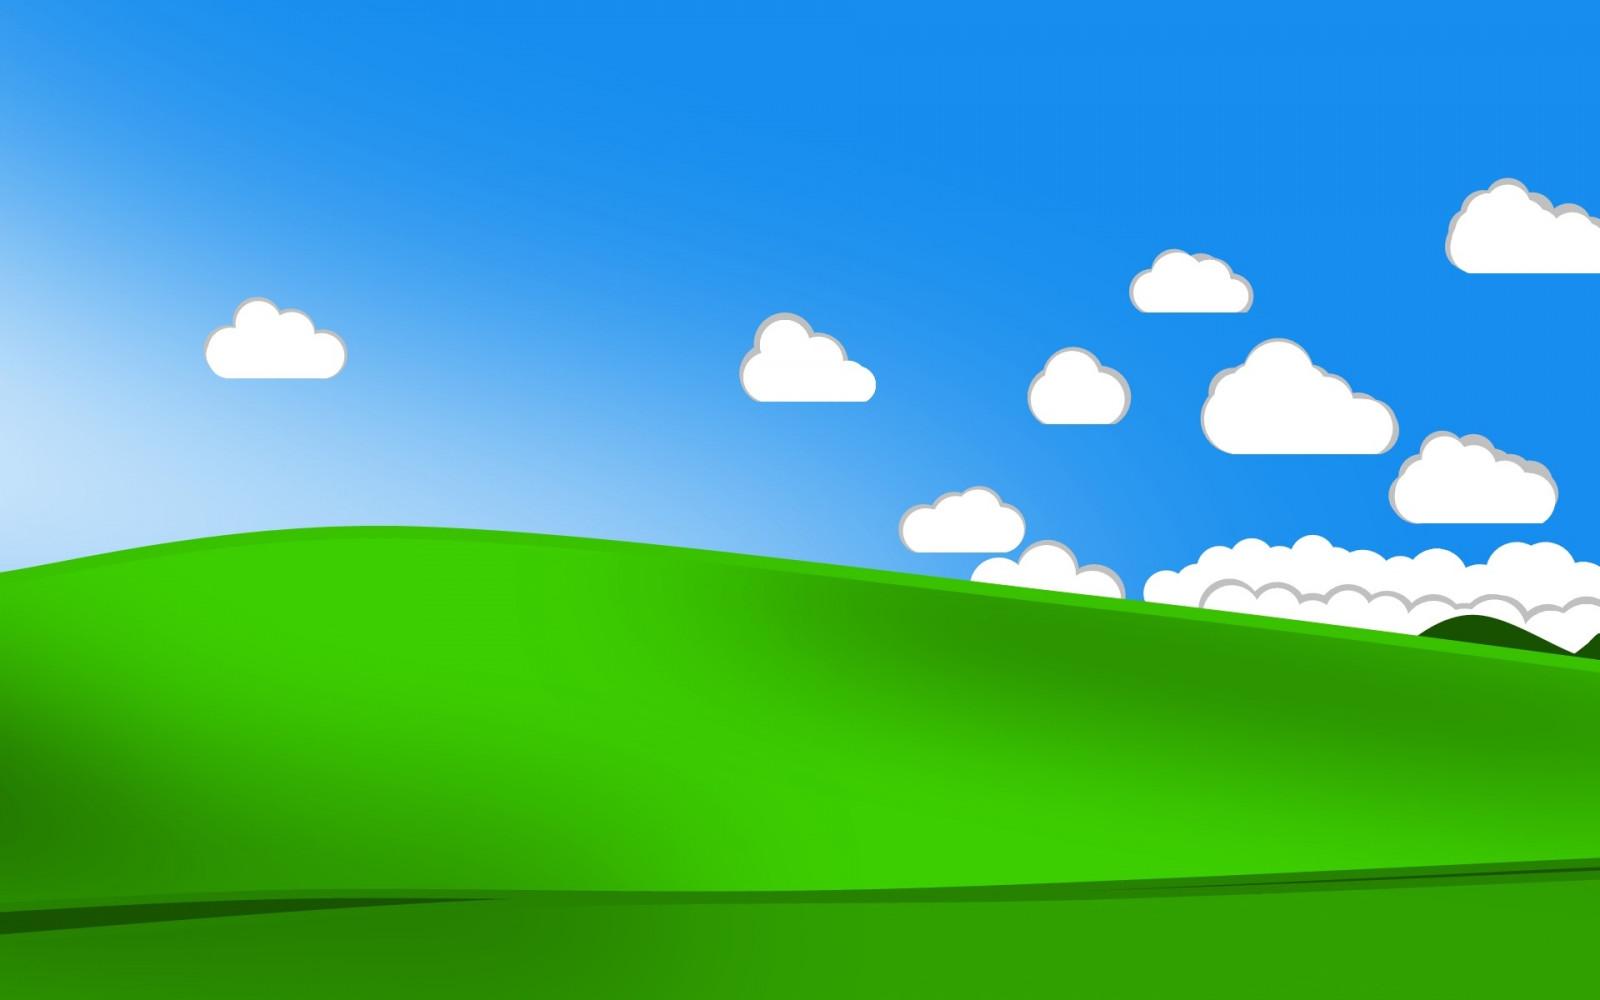 デスクトップ壁紙 風景 丘 ミニマリズム 空 フィールド 雲 緑